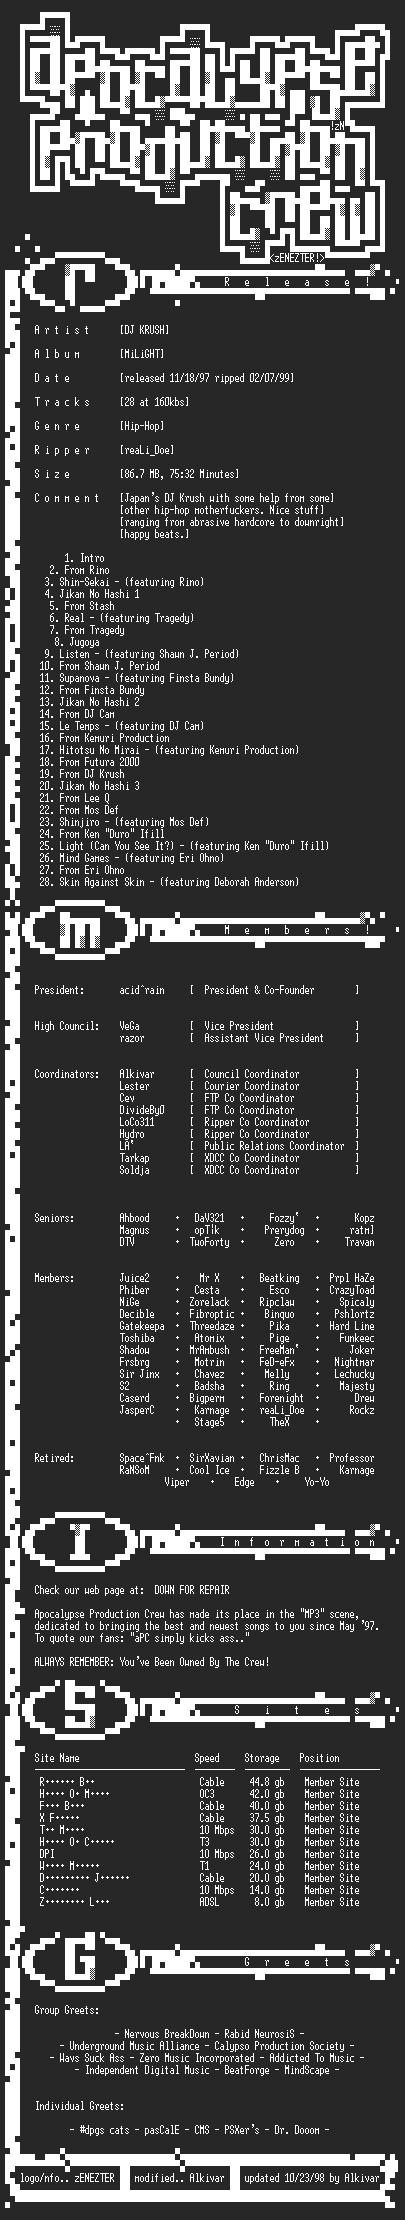 NFO file for DJ_Krush-Milight-1997-Reali_Doe-aPC